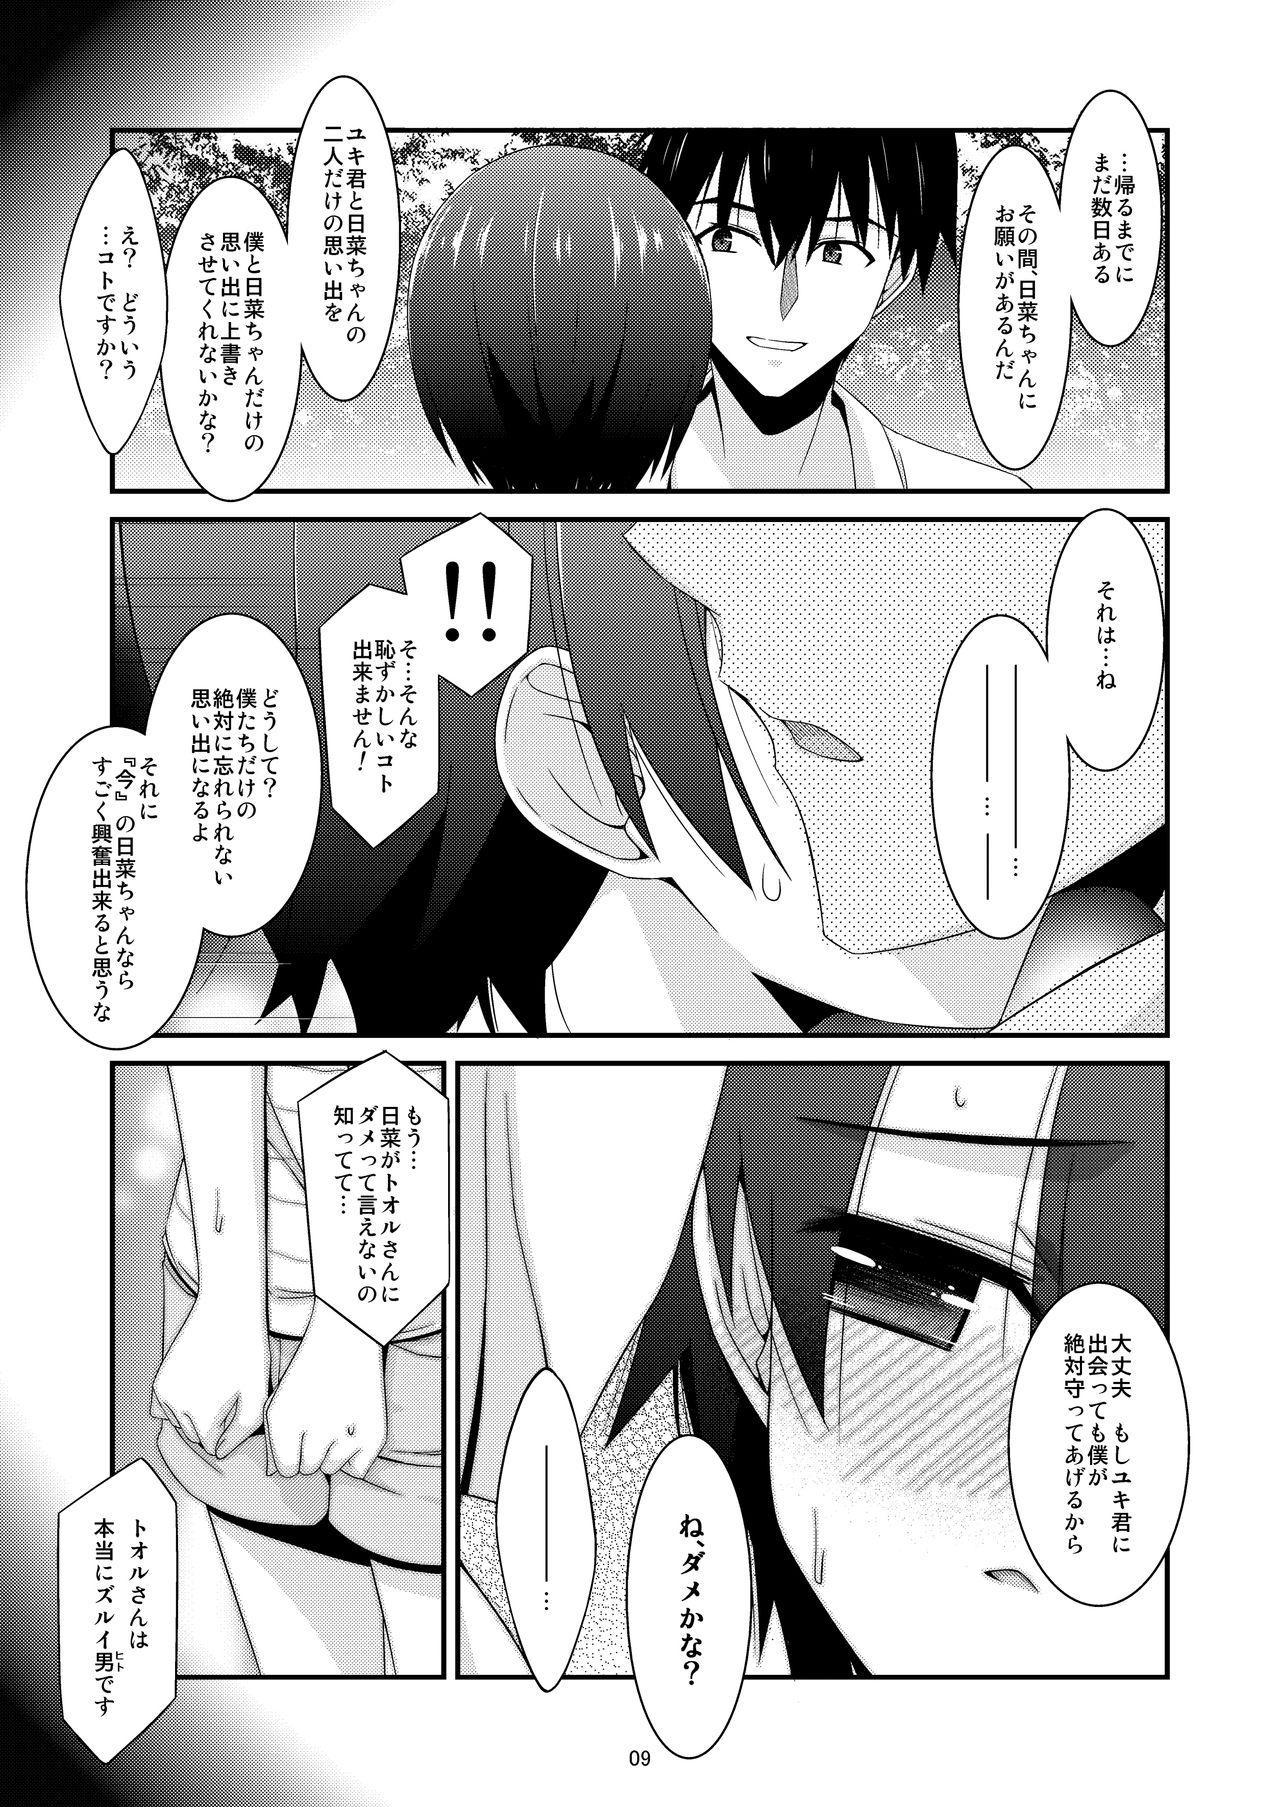 Anoko ga Aitsu no Omocha ni Natta Hi Kanzaki Hina Hen AFTER 8